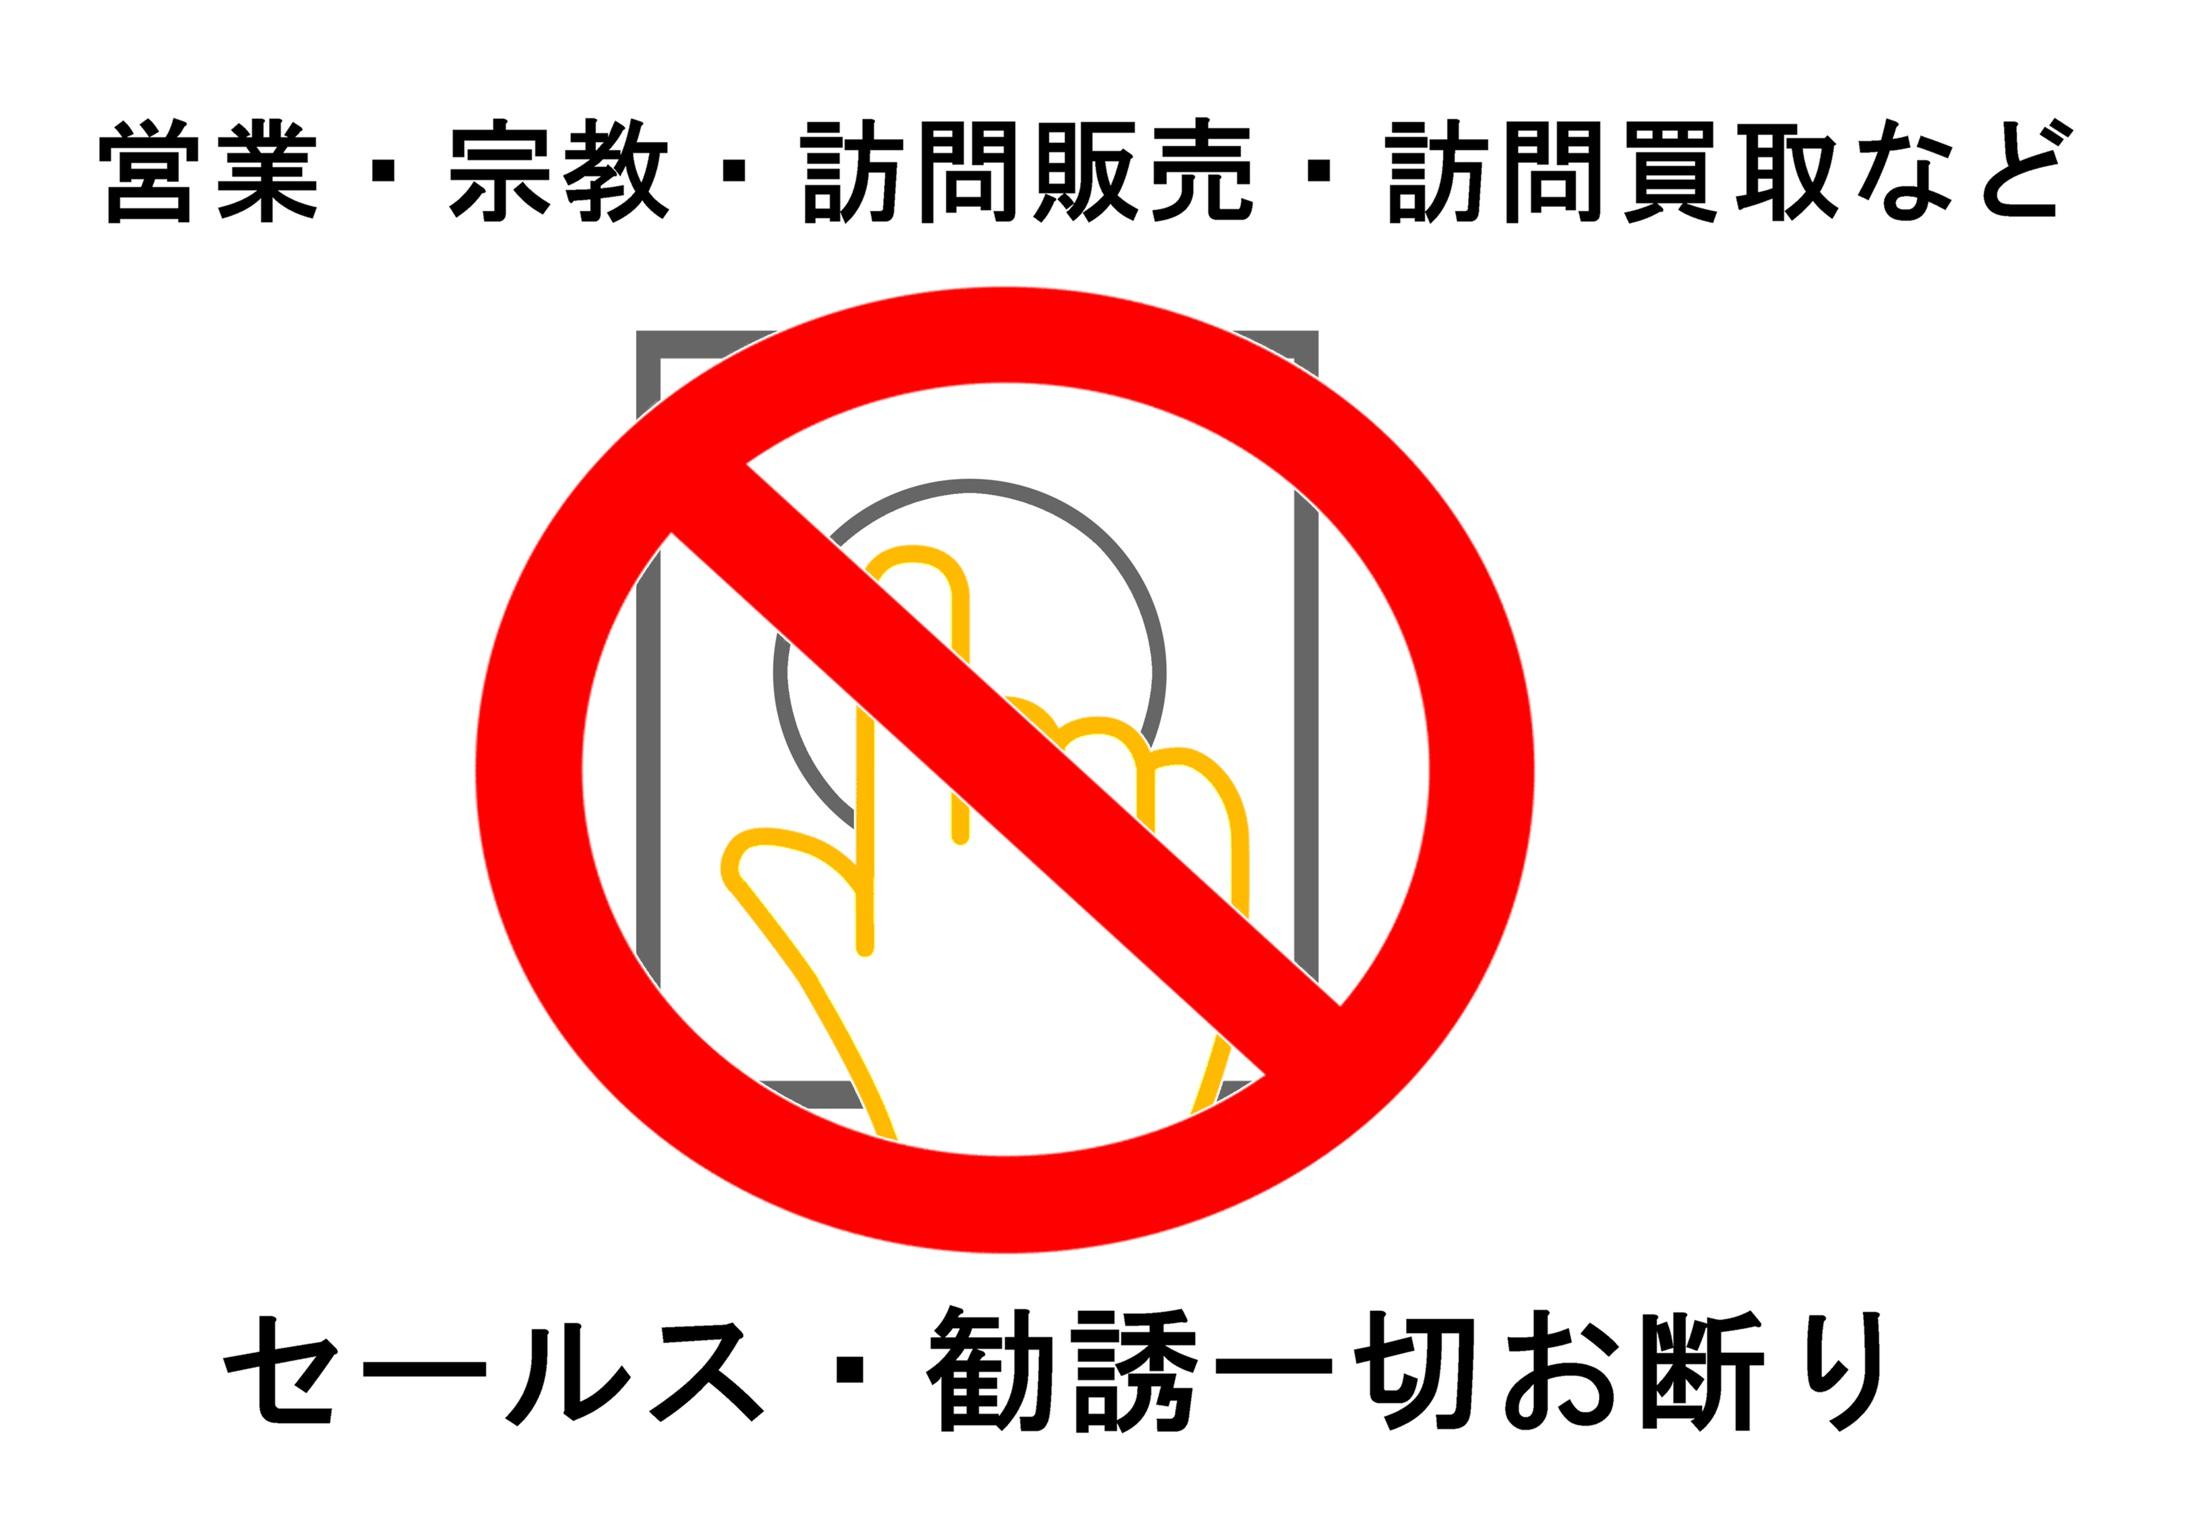 基本のセールス勧誘お断りステッカー素材(使用は無料・フリー、再配布や無断転載は禁止)